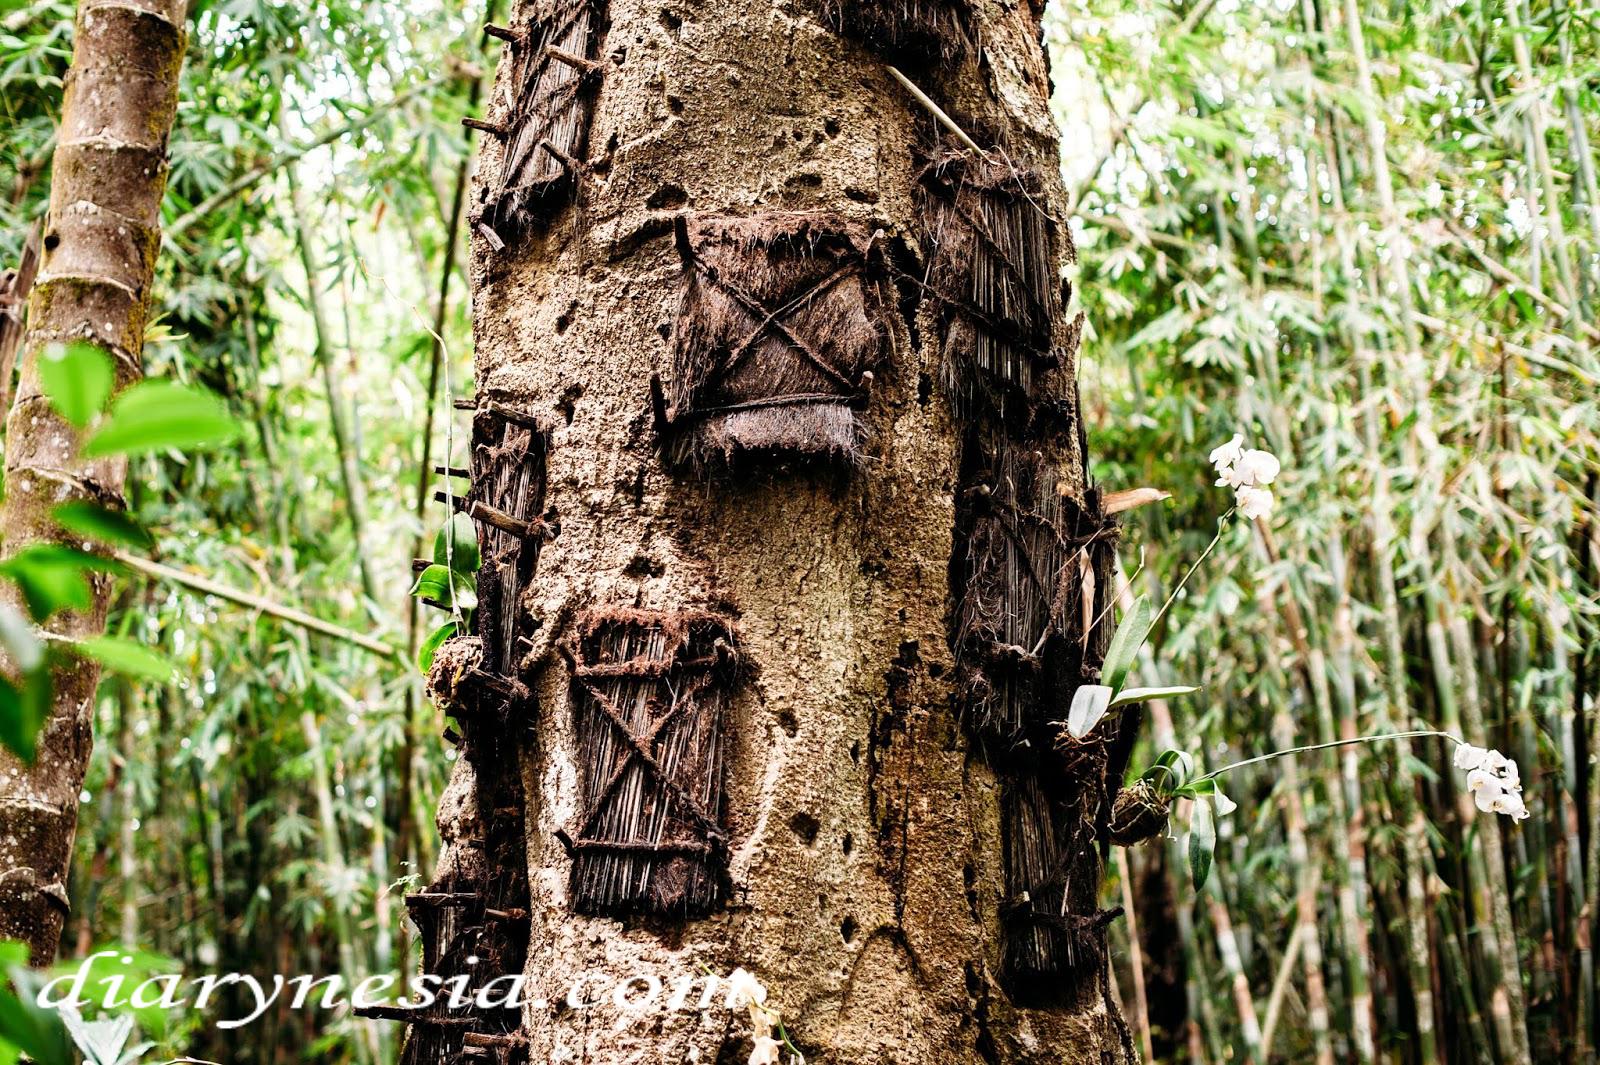 kambira baby grave, toraja tourism, traditional burial site kambira village, diarynesia